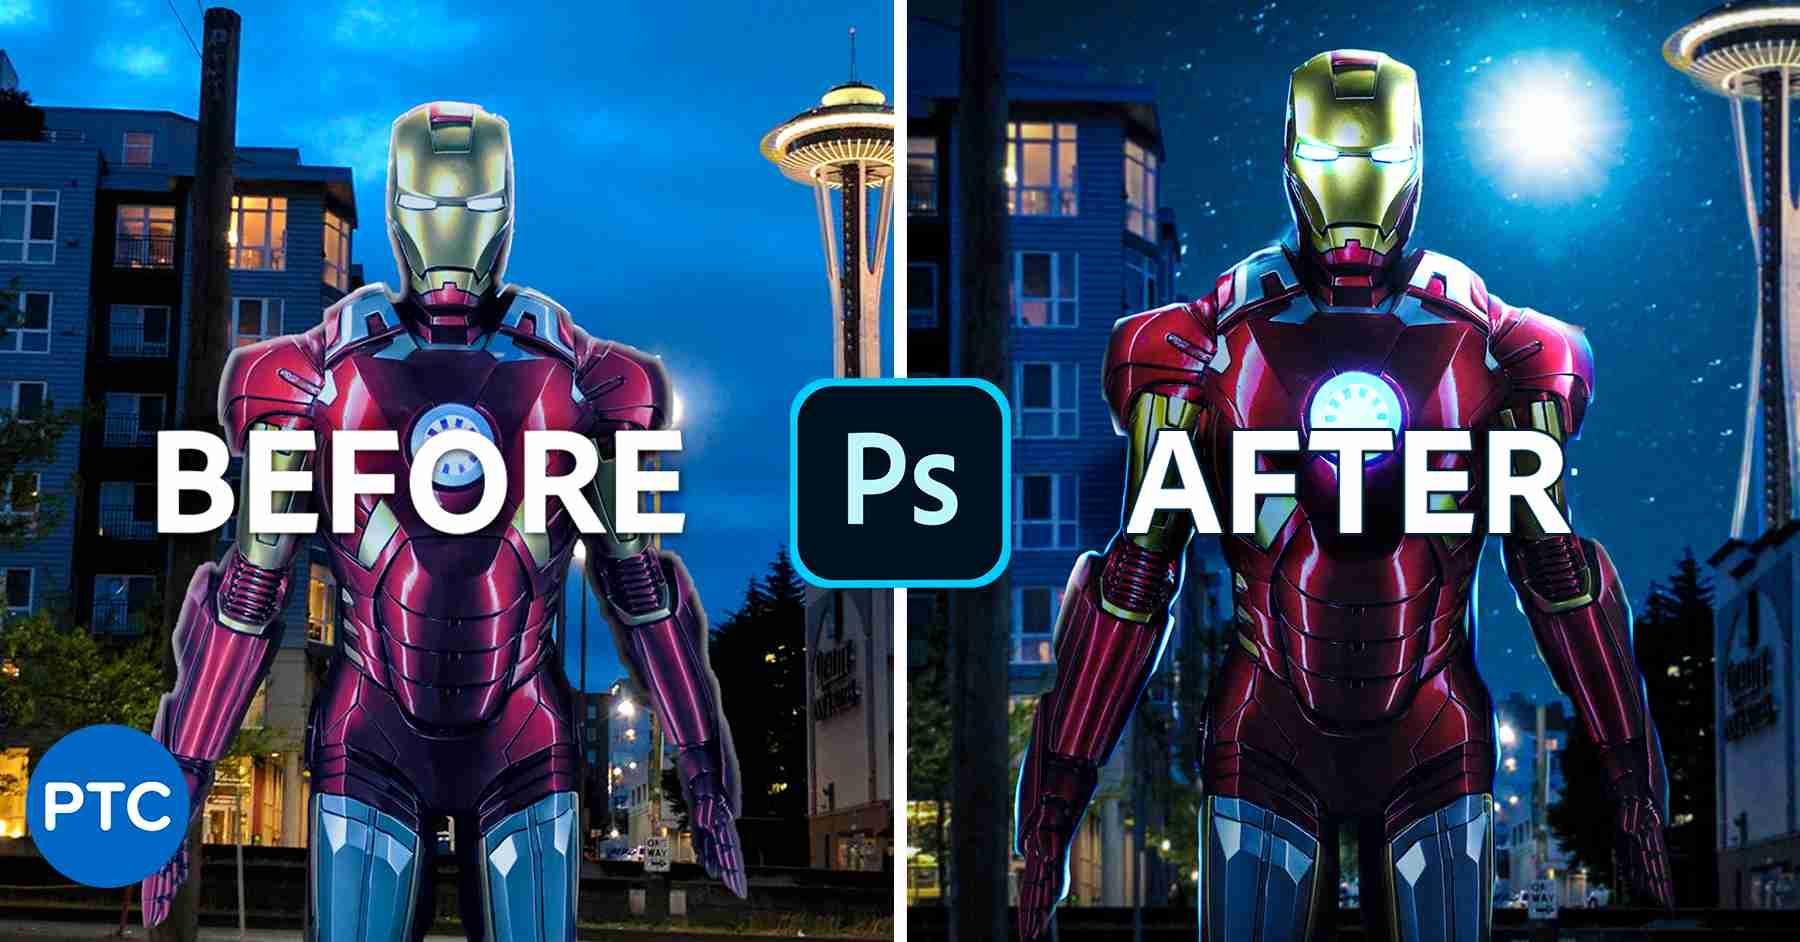 PTC Edits Your Photos